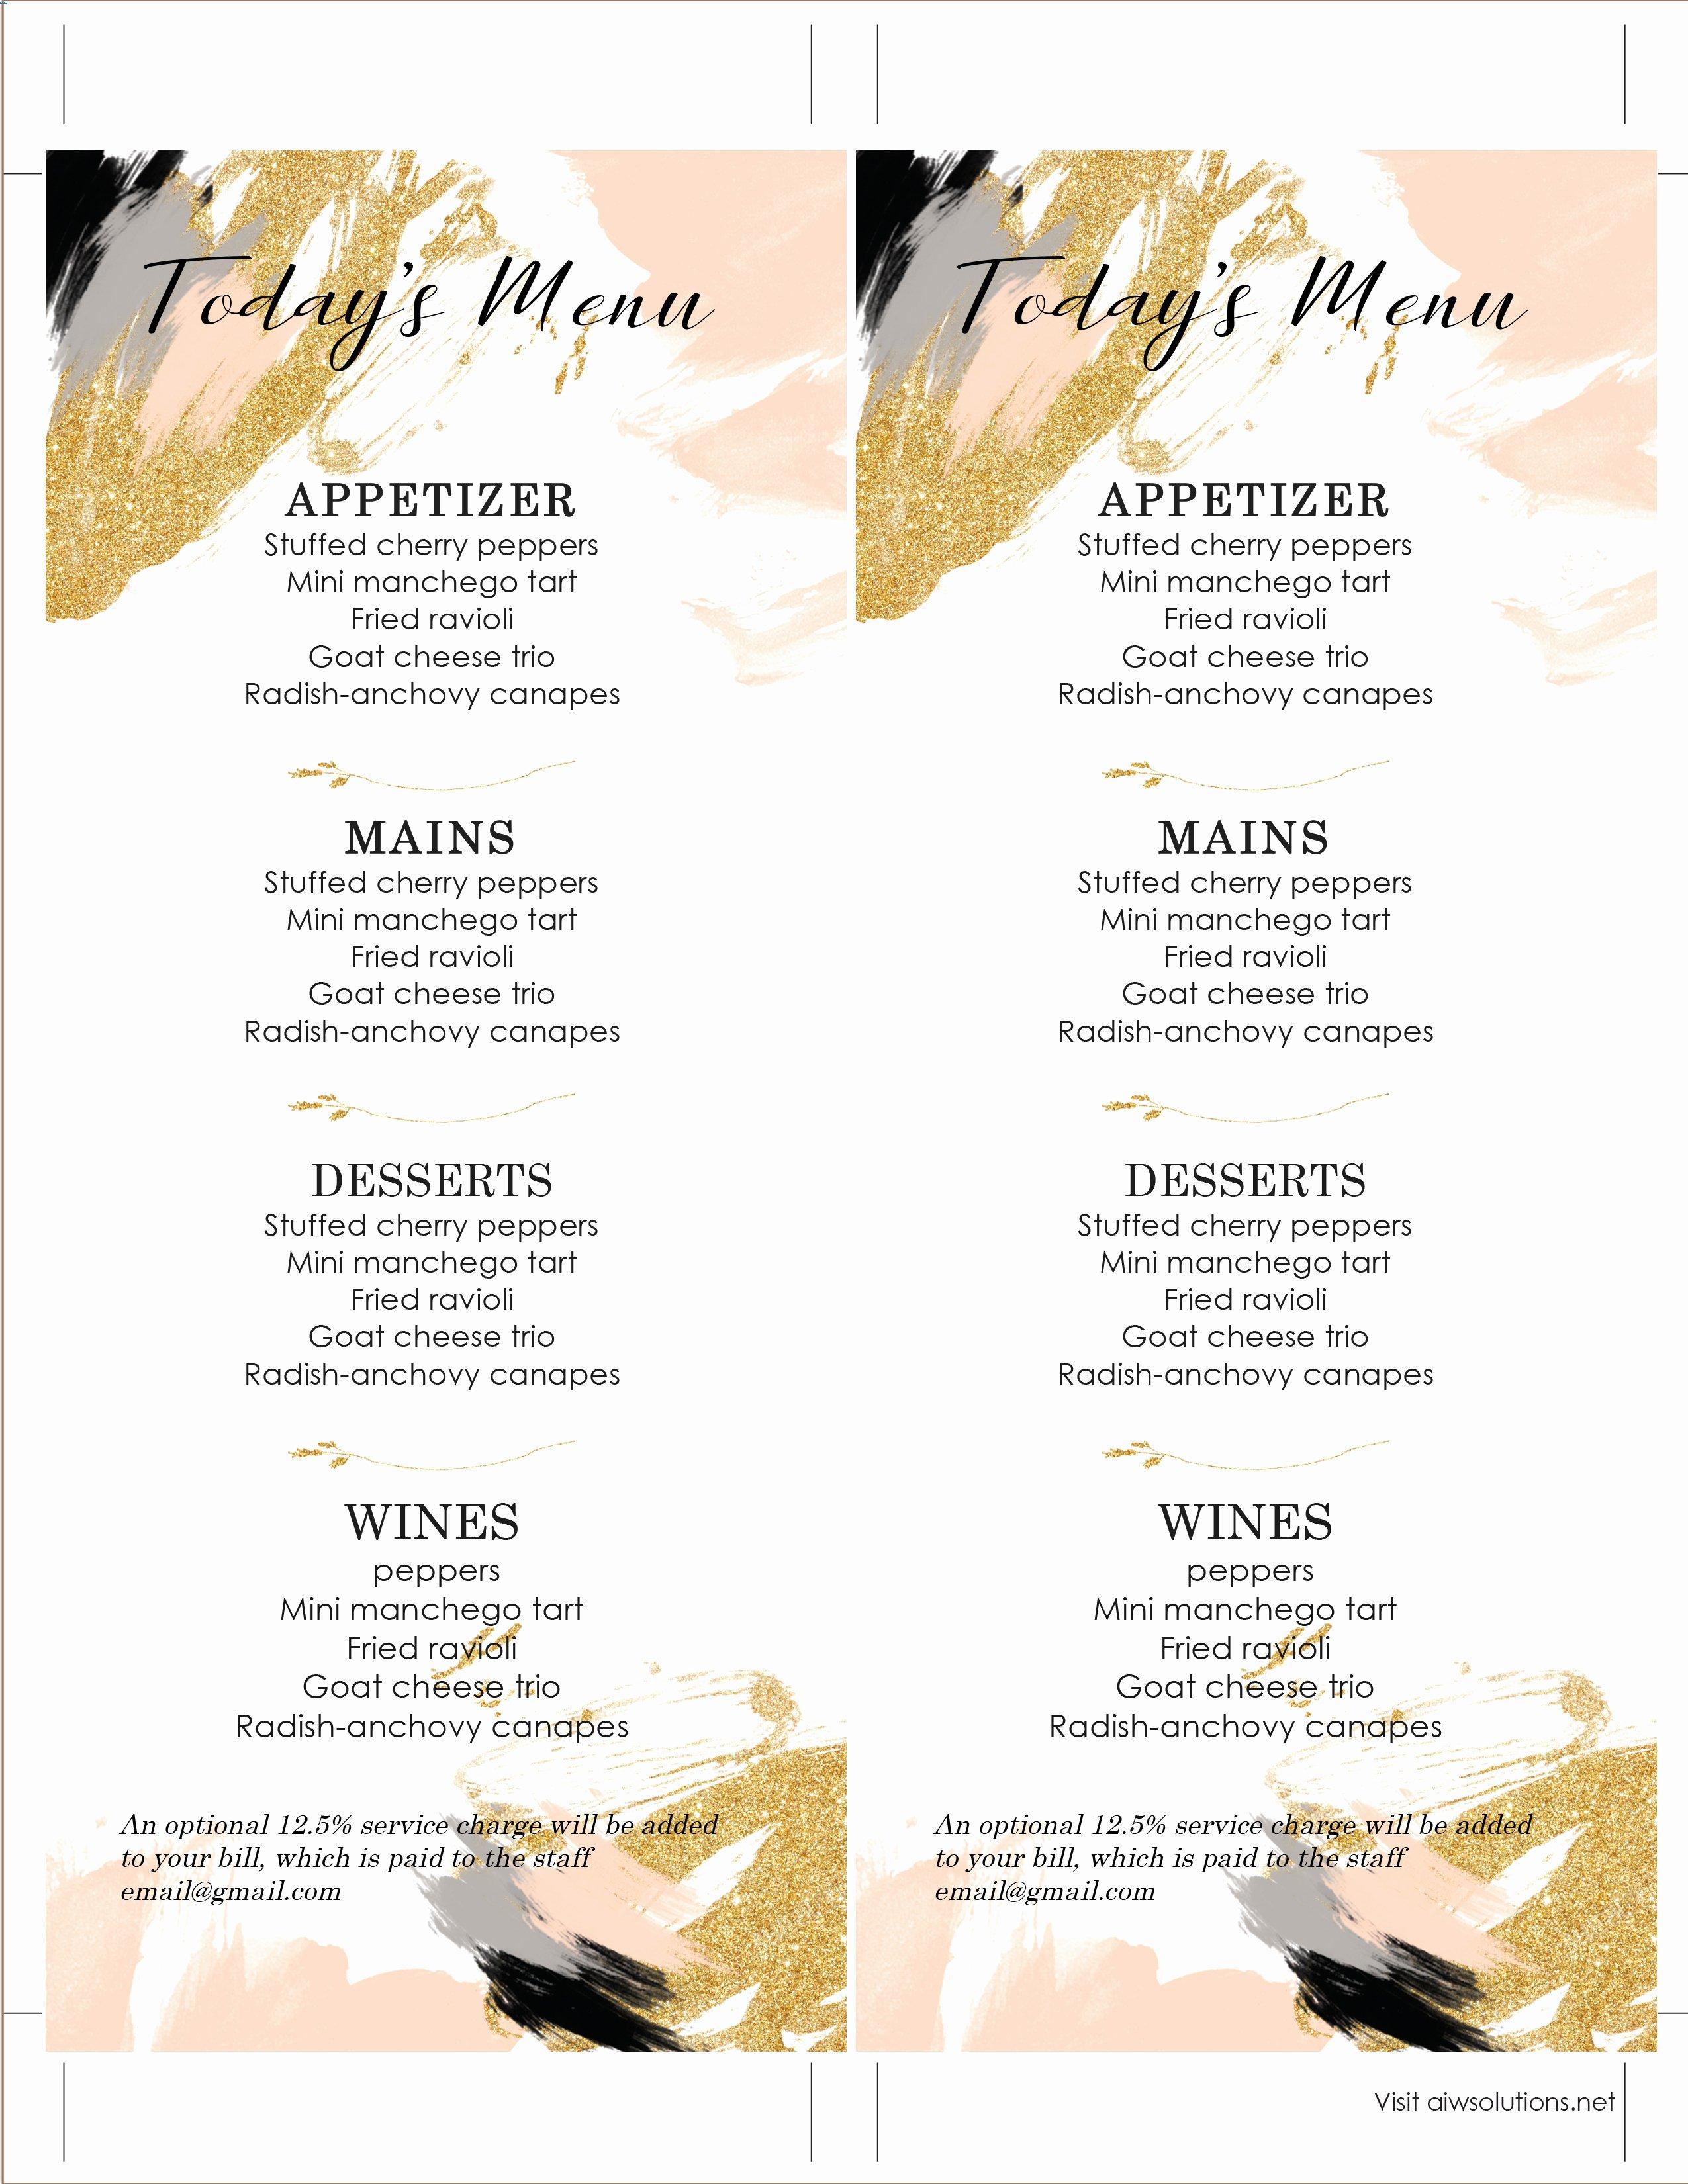 Wedding Bar Menu Template Lovely Design & Templates Menu Templates Wedding Menu Food